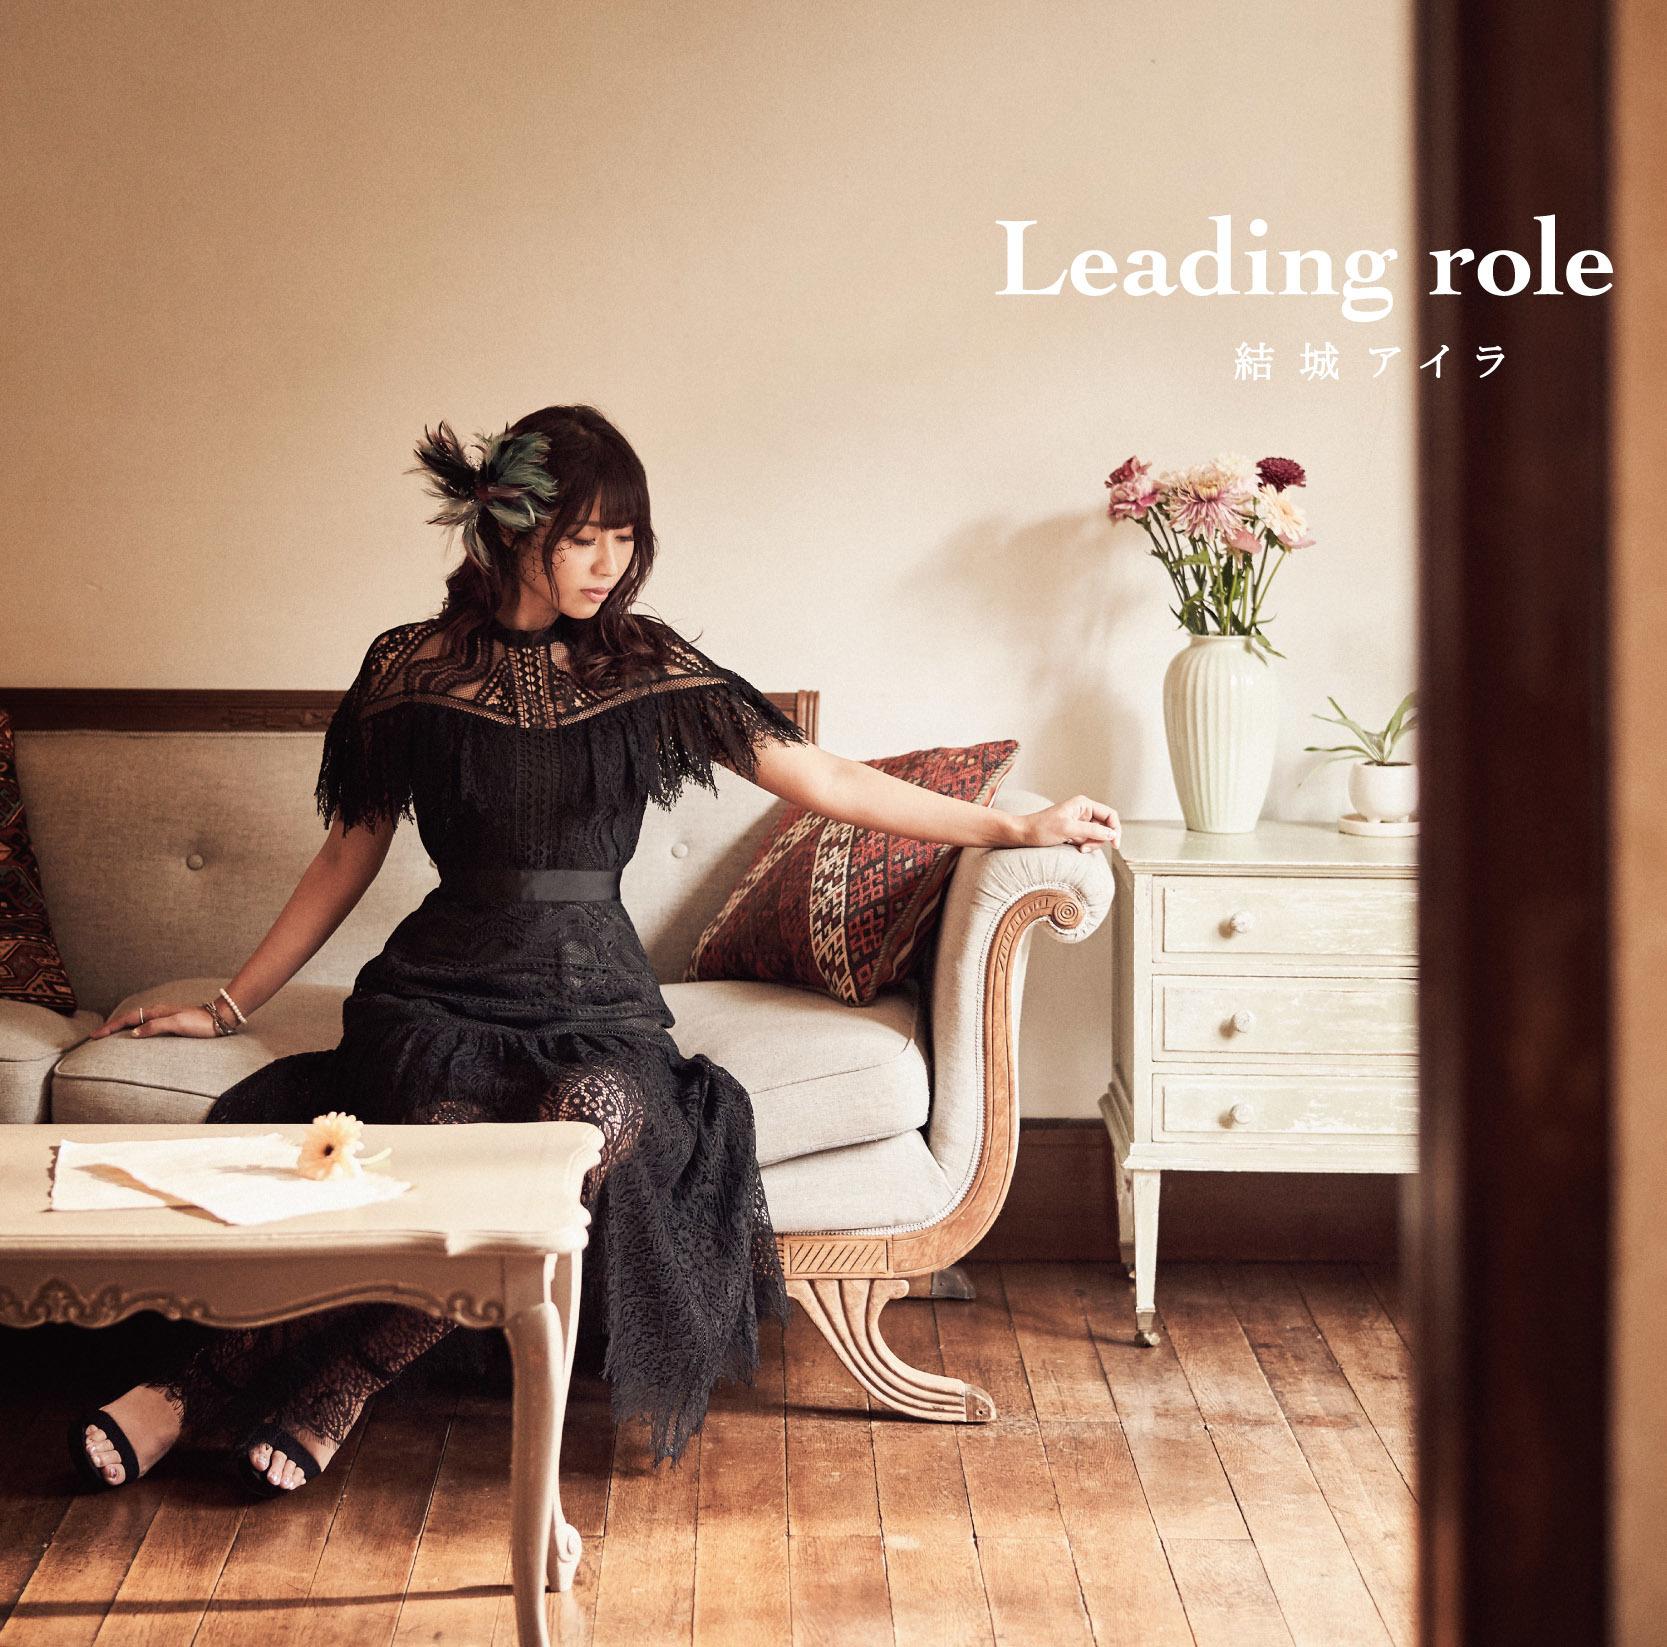 『Leading role』ジャケット